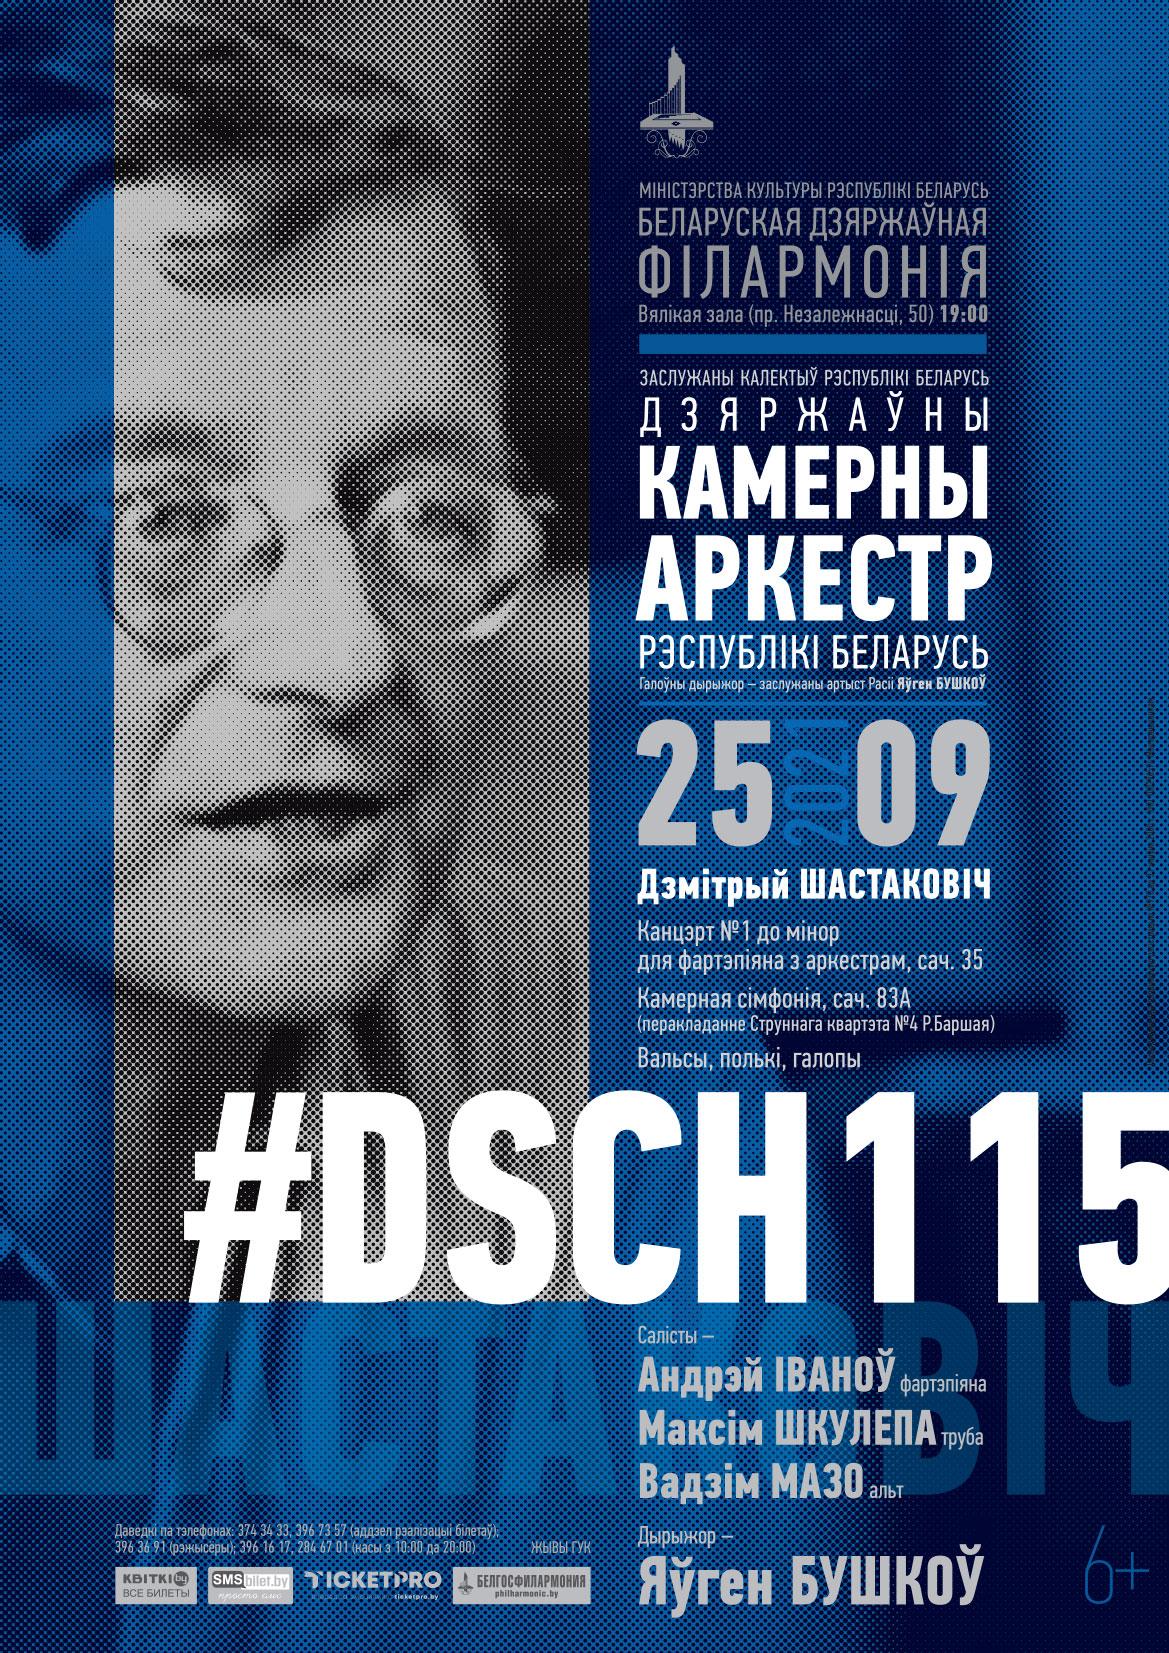 #DSCH 115 @ Белорусская государственная филармония